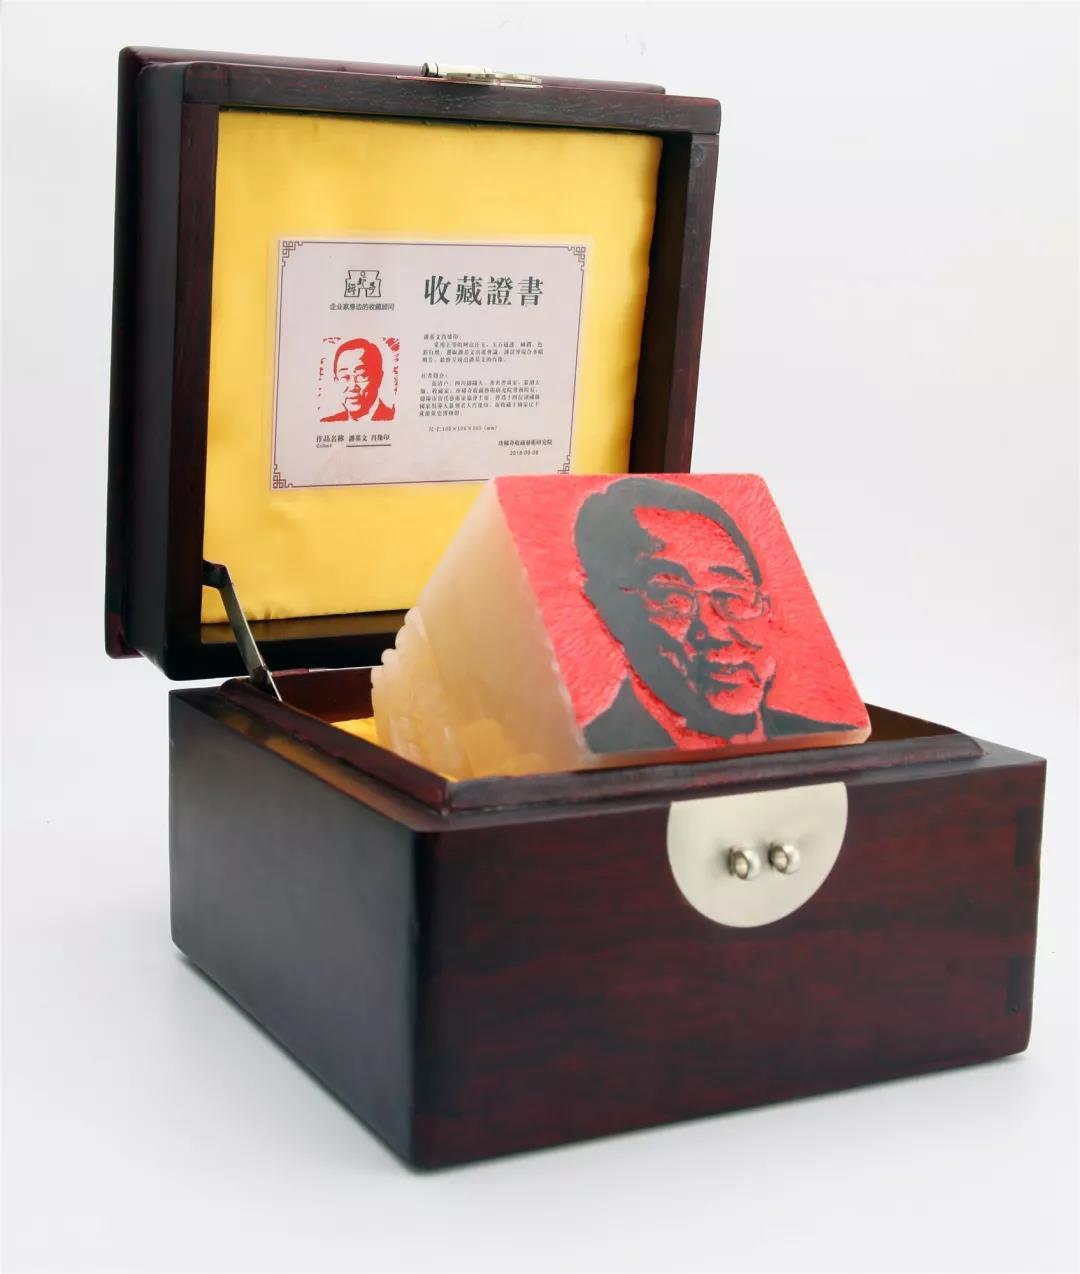 【民企盛典】卡酷尚董事长郭晓林赠予潘基文、龙永图金石肖像印